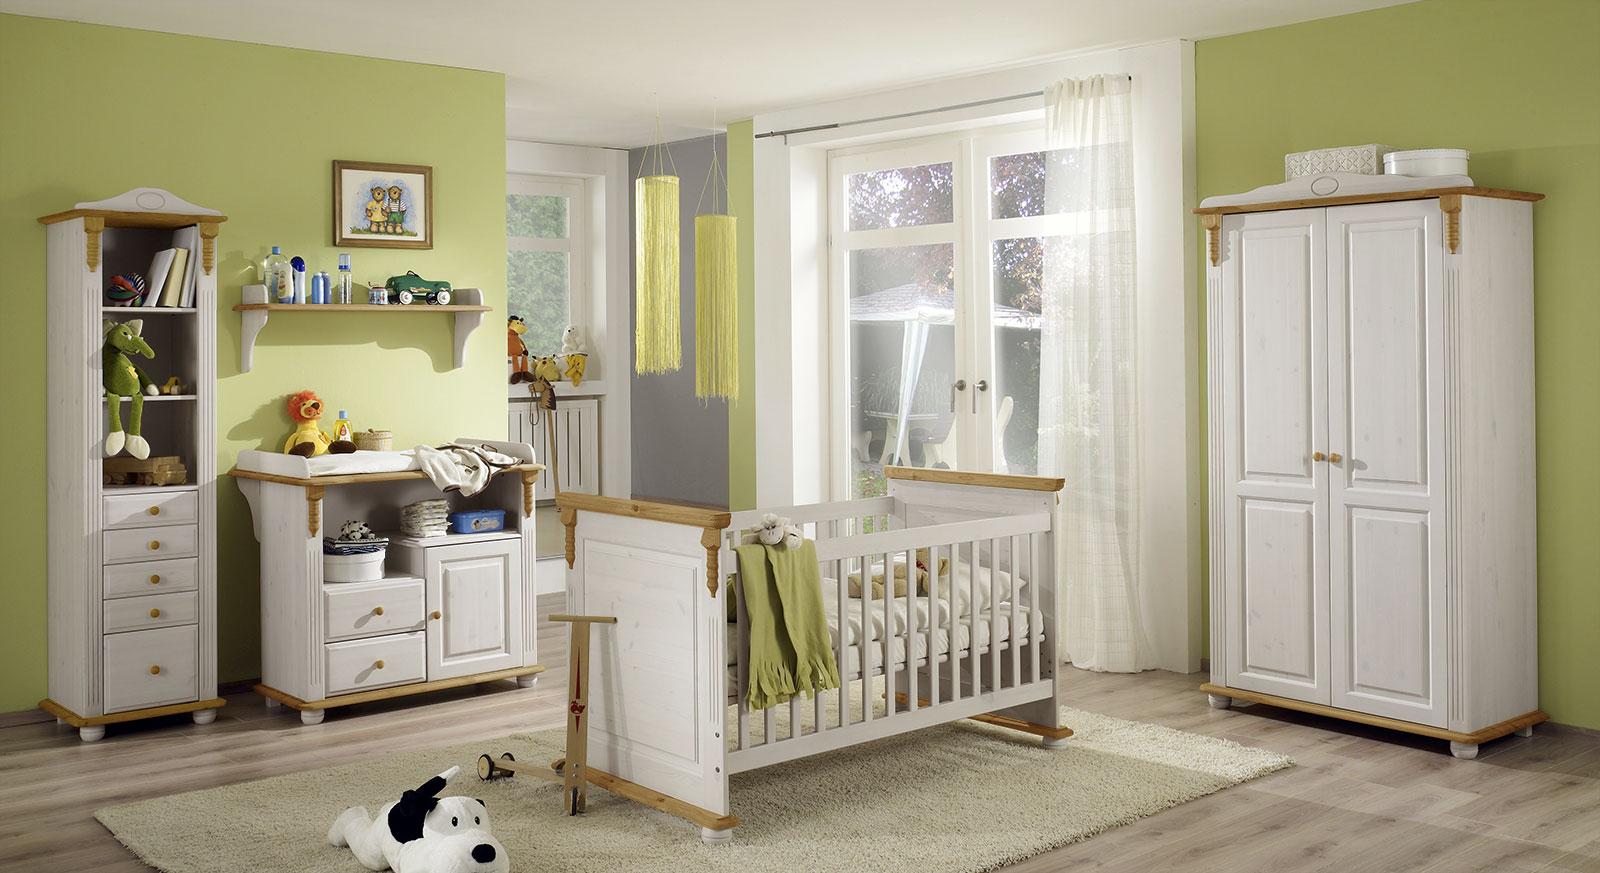 Babyzimmer Countryside mit passendem Zubehör